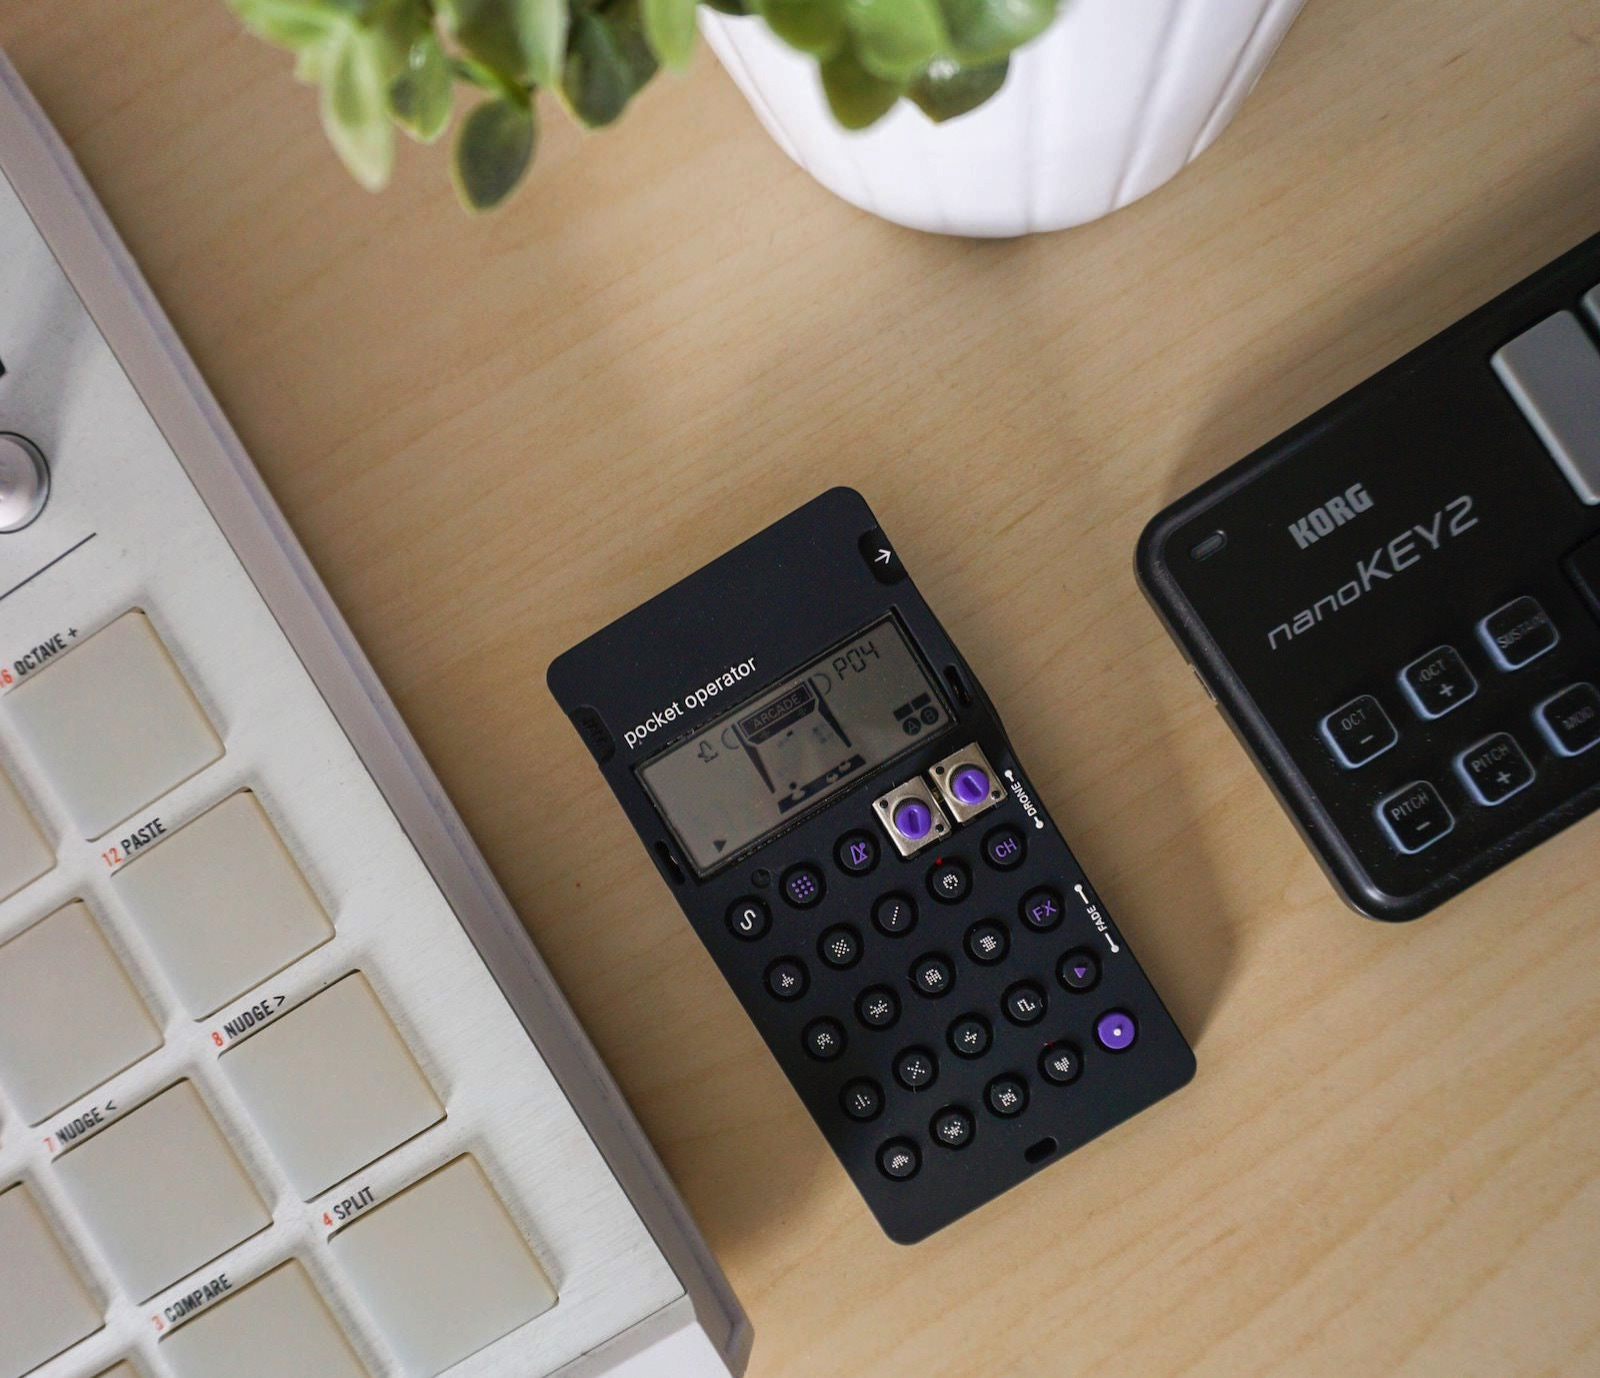 dennis-cortes-553181-unsplash-calculator.jpg